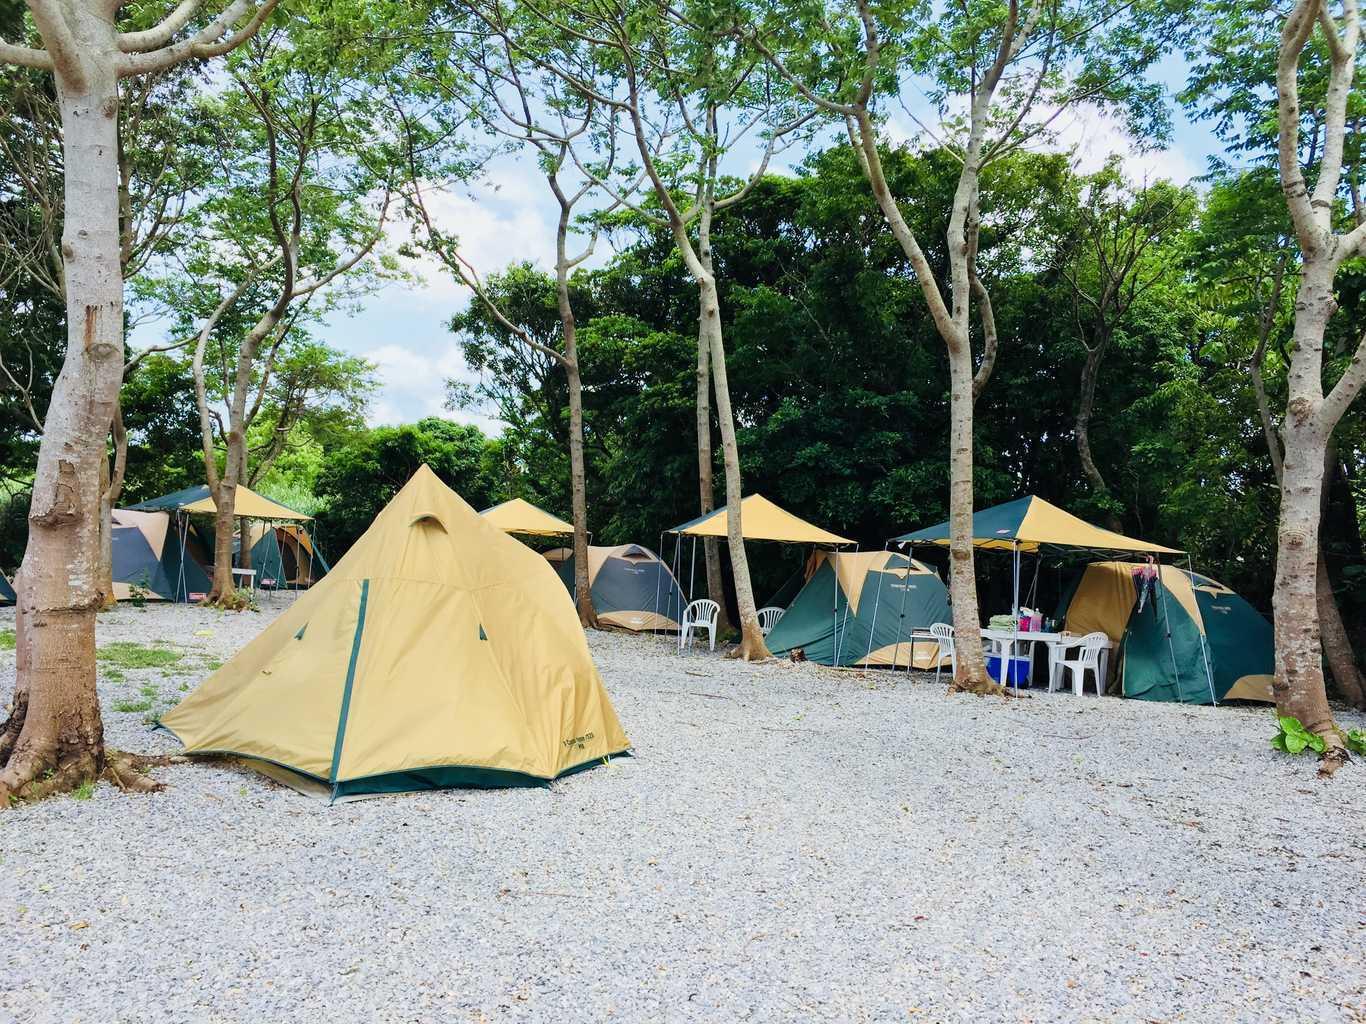 やんばるBBQキャンプ場 の公式写真c17200